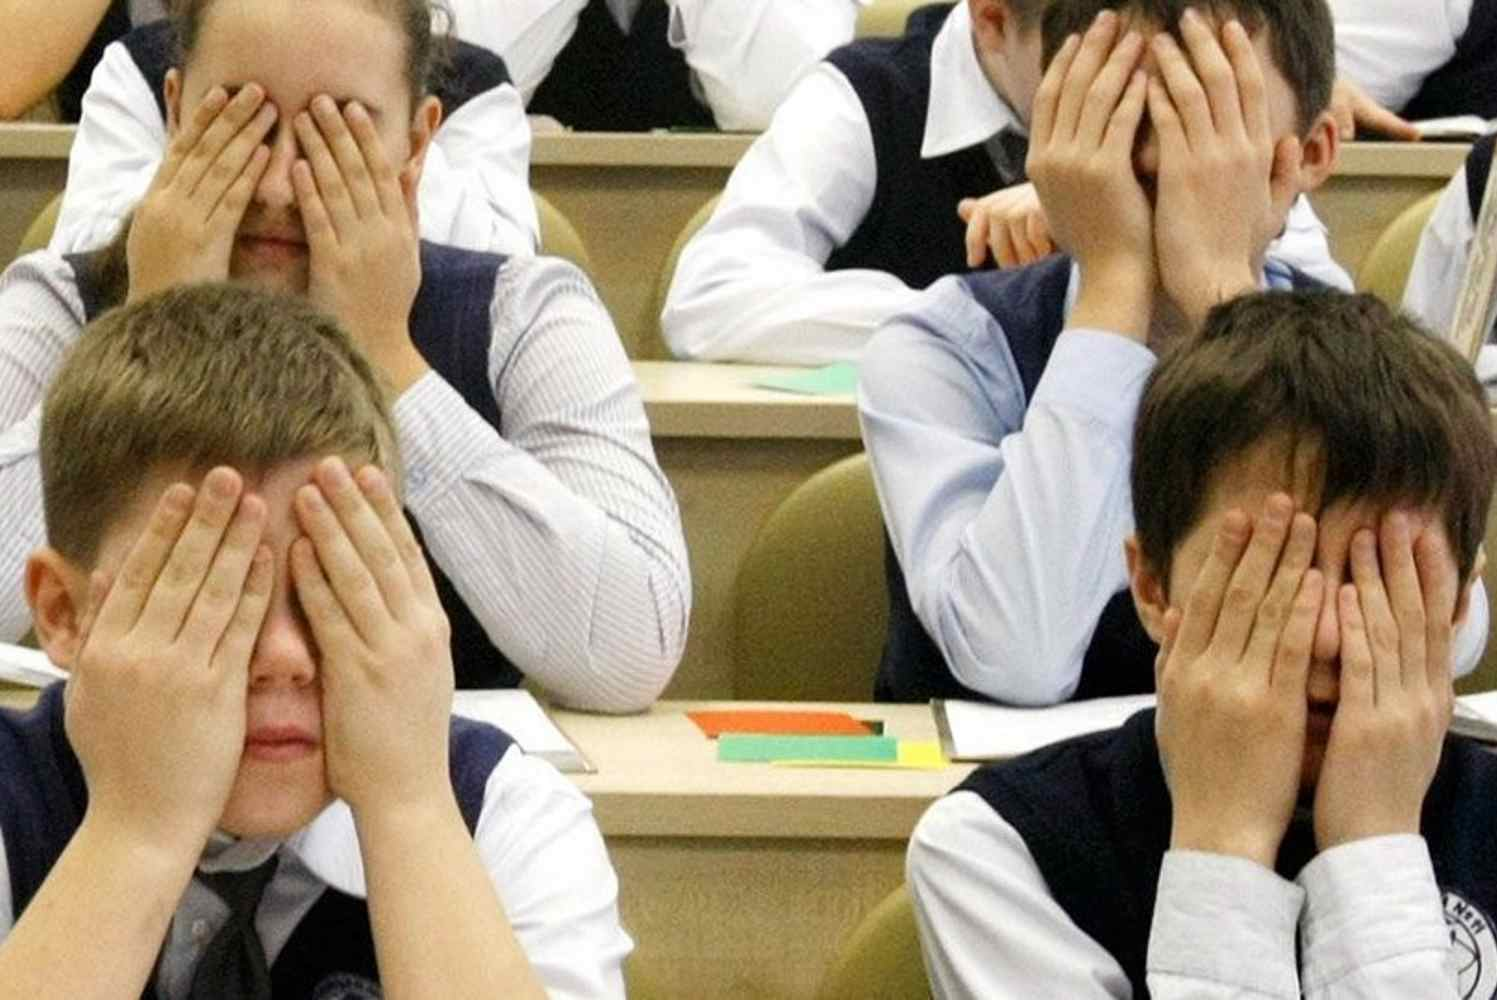 zakonoproject-kotoryj-pozvolit-idti-v-uchitelja-bez-pedagogicheskogo-obrazovanija-rassmotrjat-uzhe-v-ijujnie